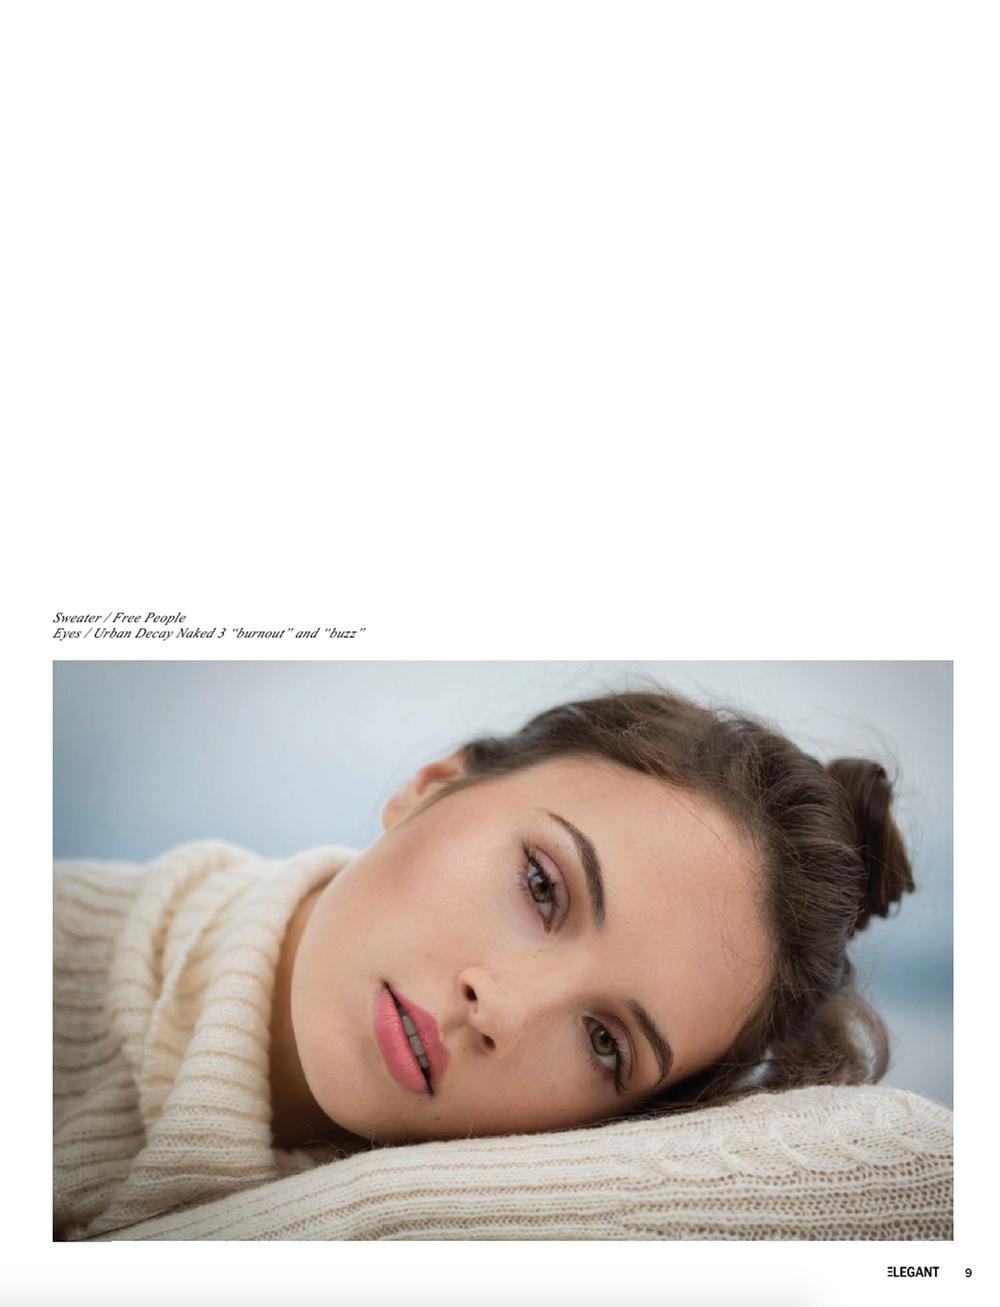 IngaLisa-July2015-Elegant-09.jpg